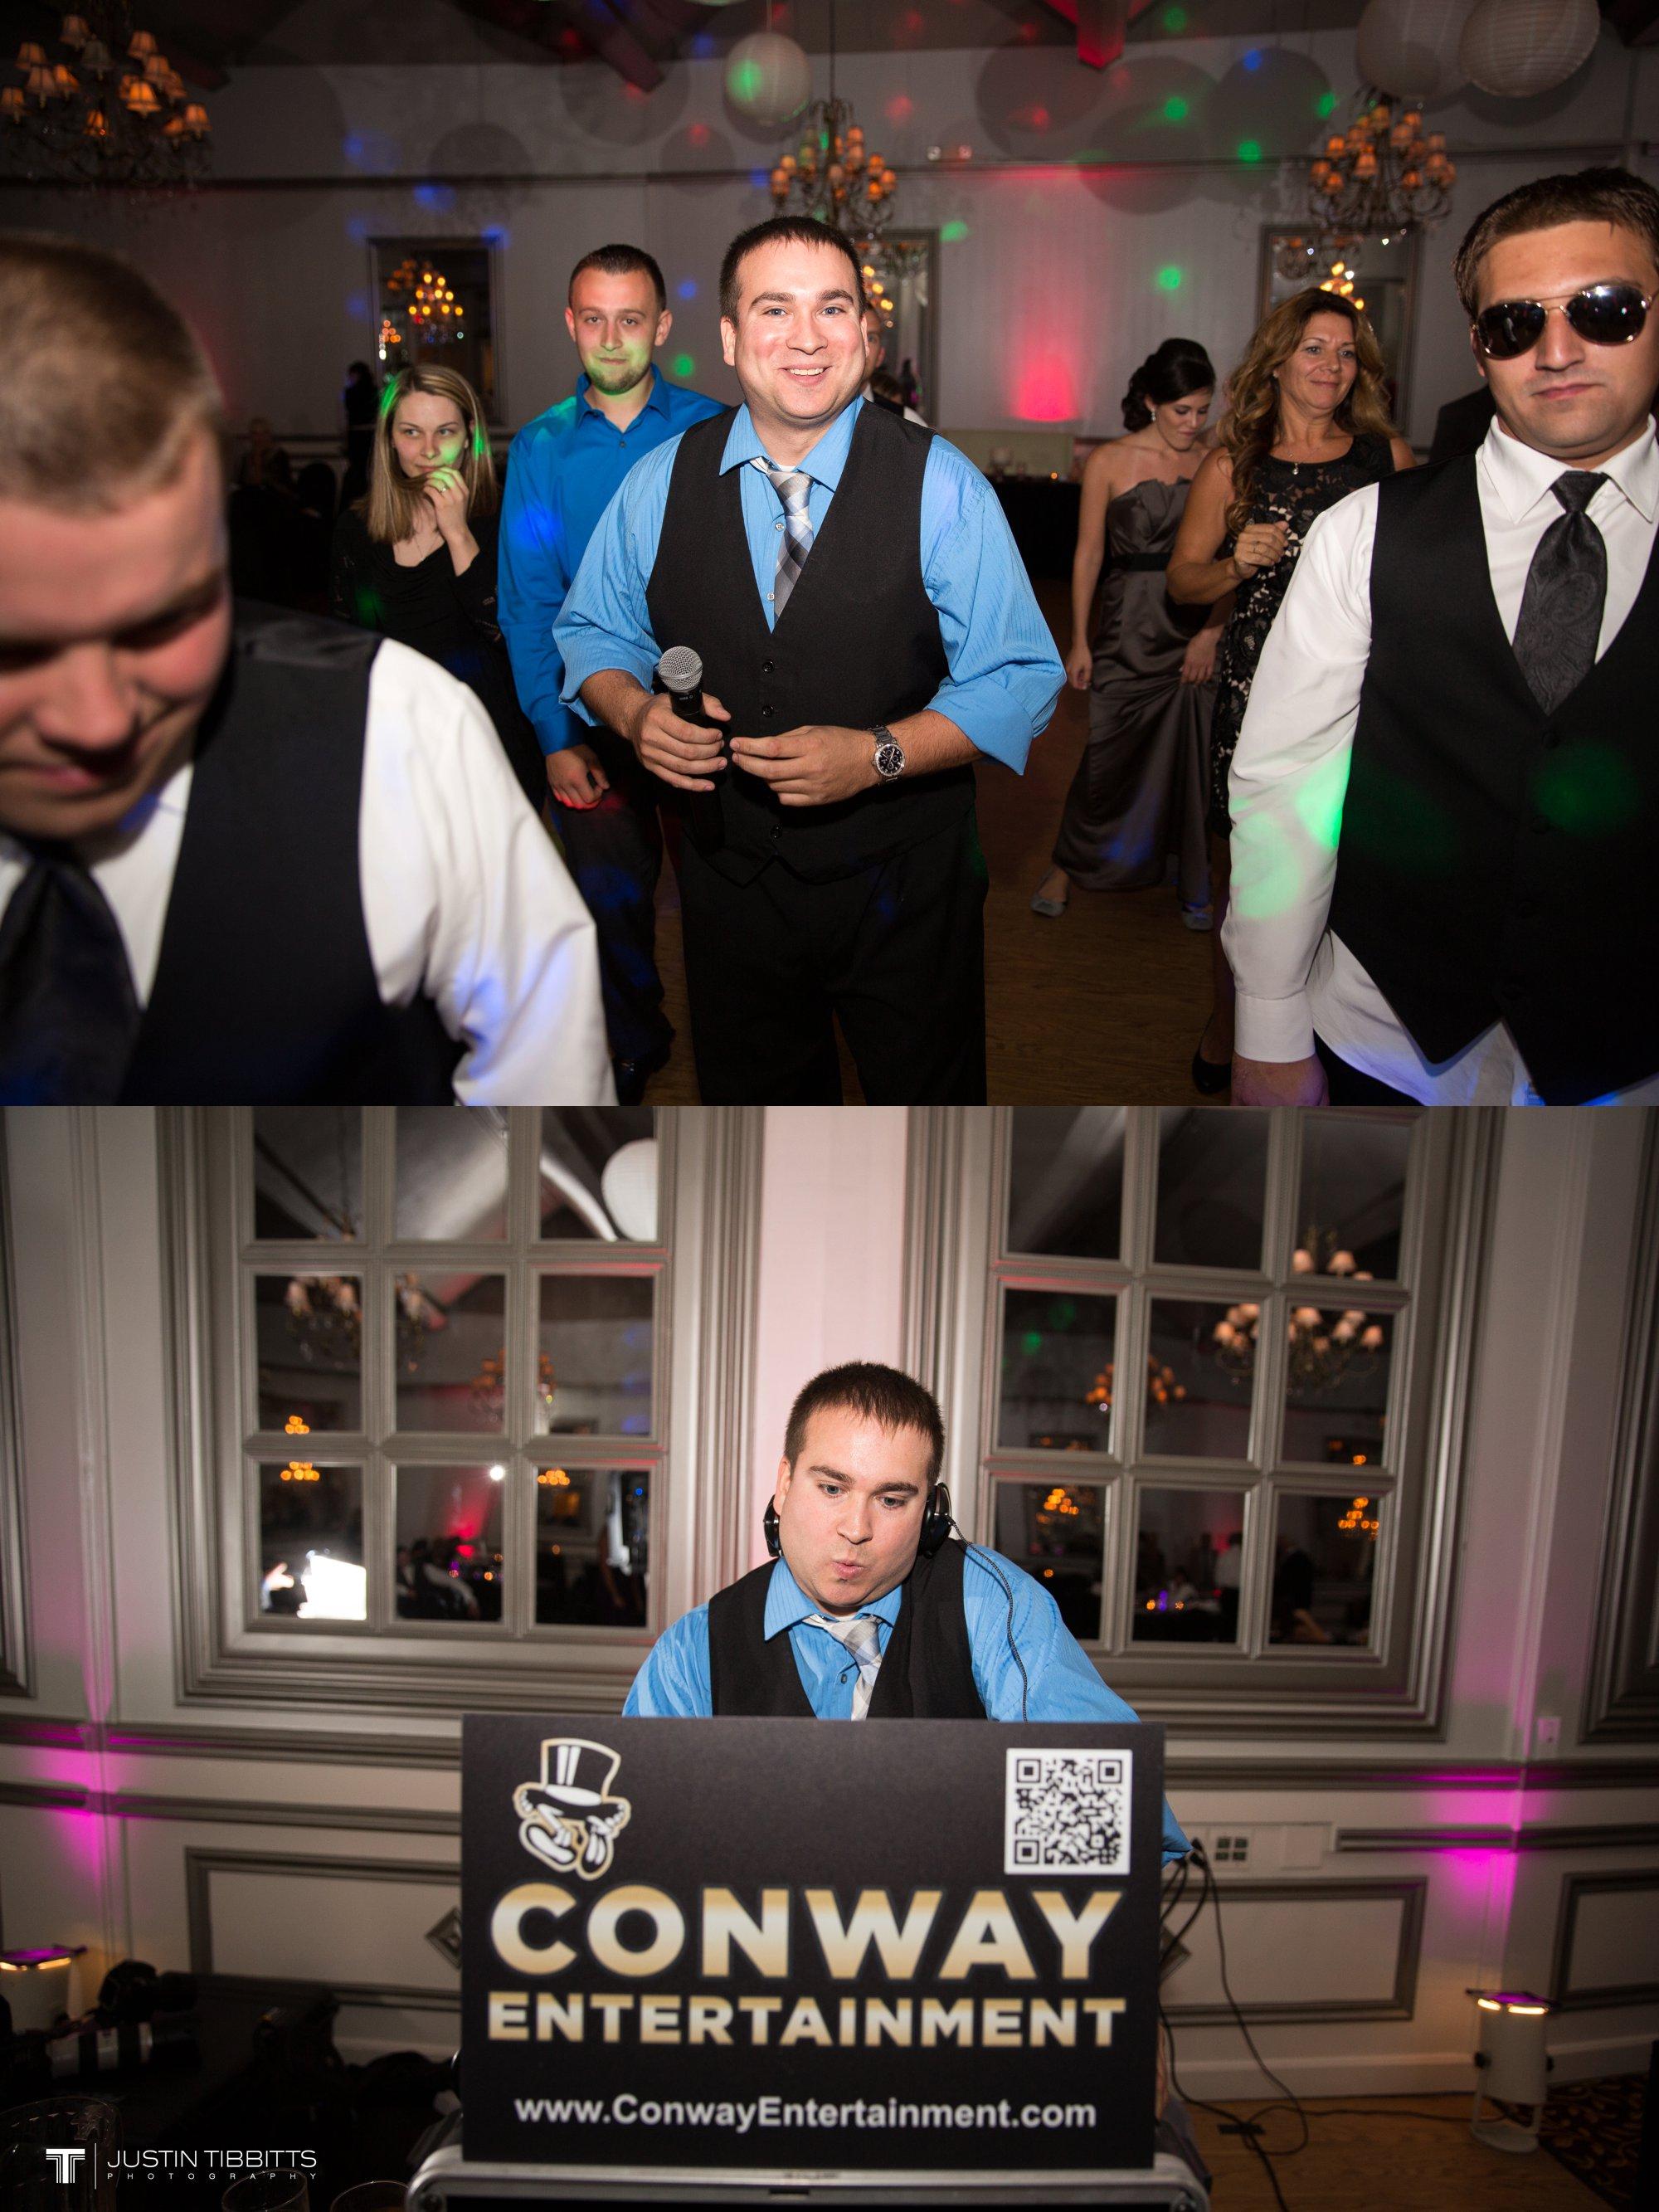 Albany NY Wedding Photographer Justin Tibbitts Photography Albany NY 2014 Best of Weddings9